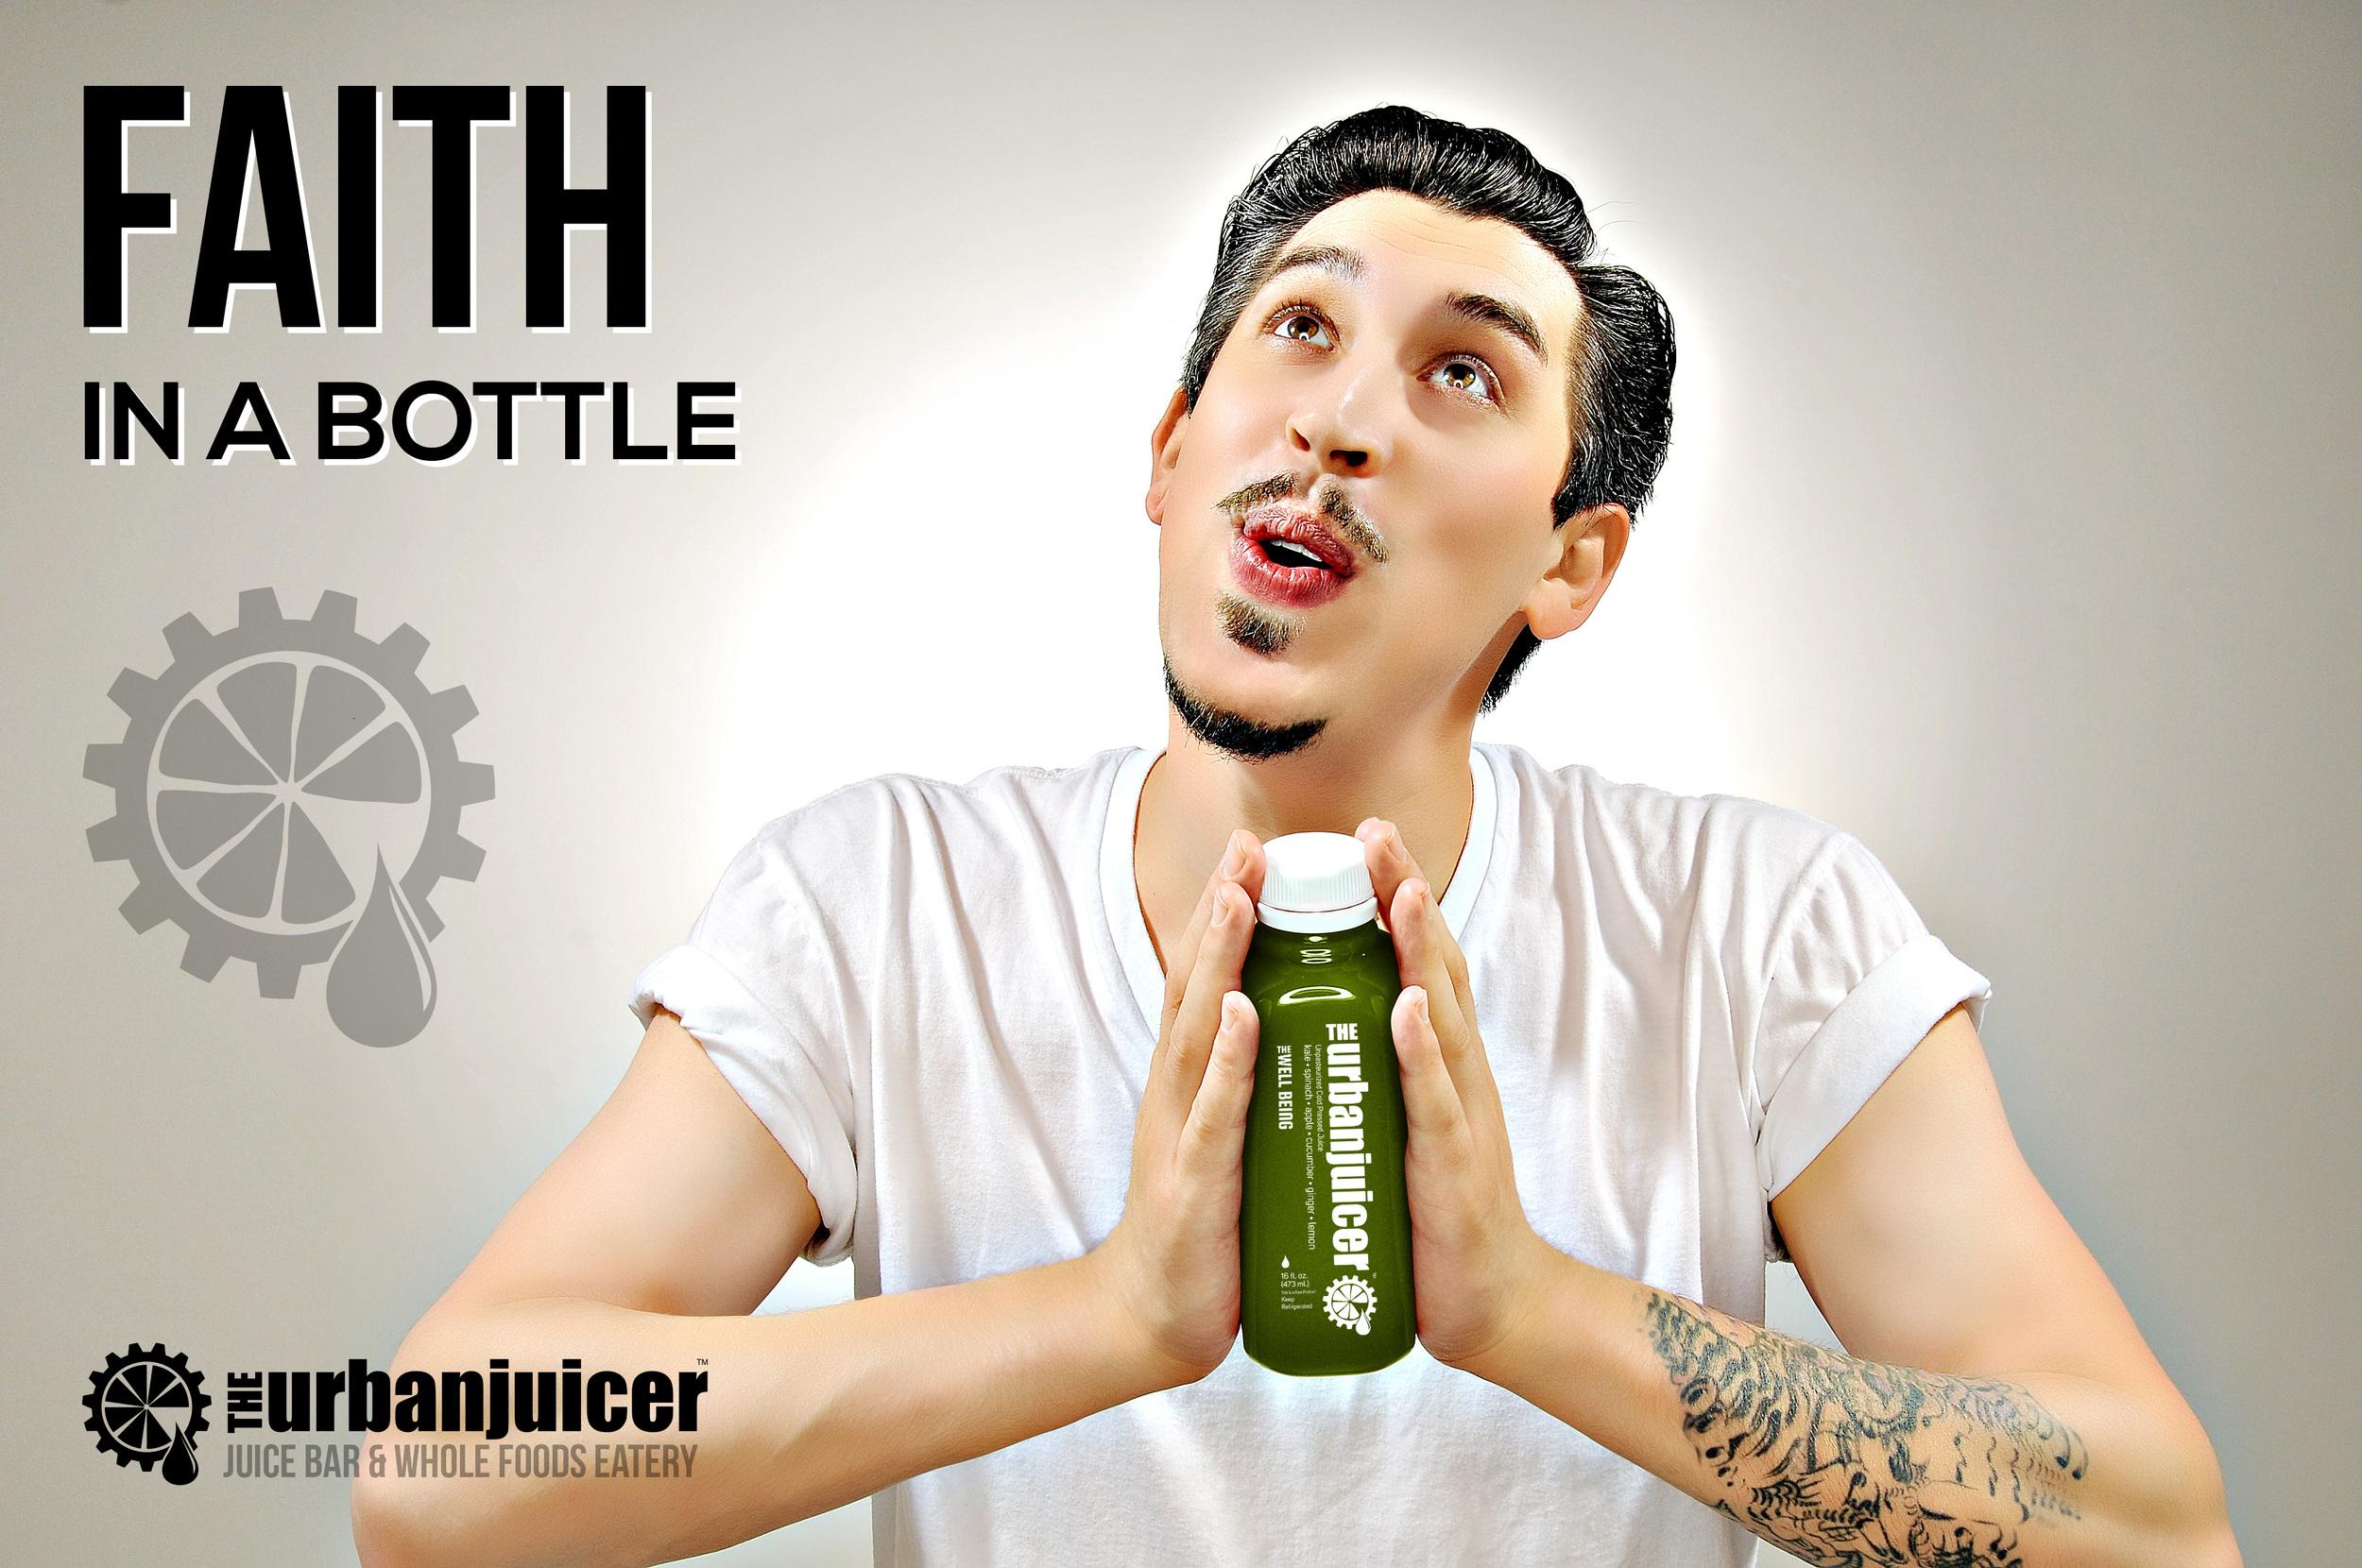 Dustin-Well-Being-White-BG-Faith-Bonus-01.jpg